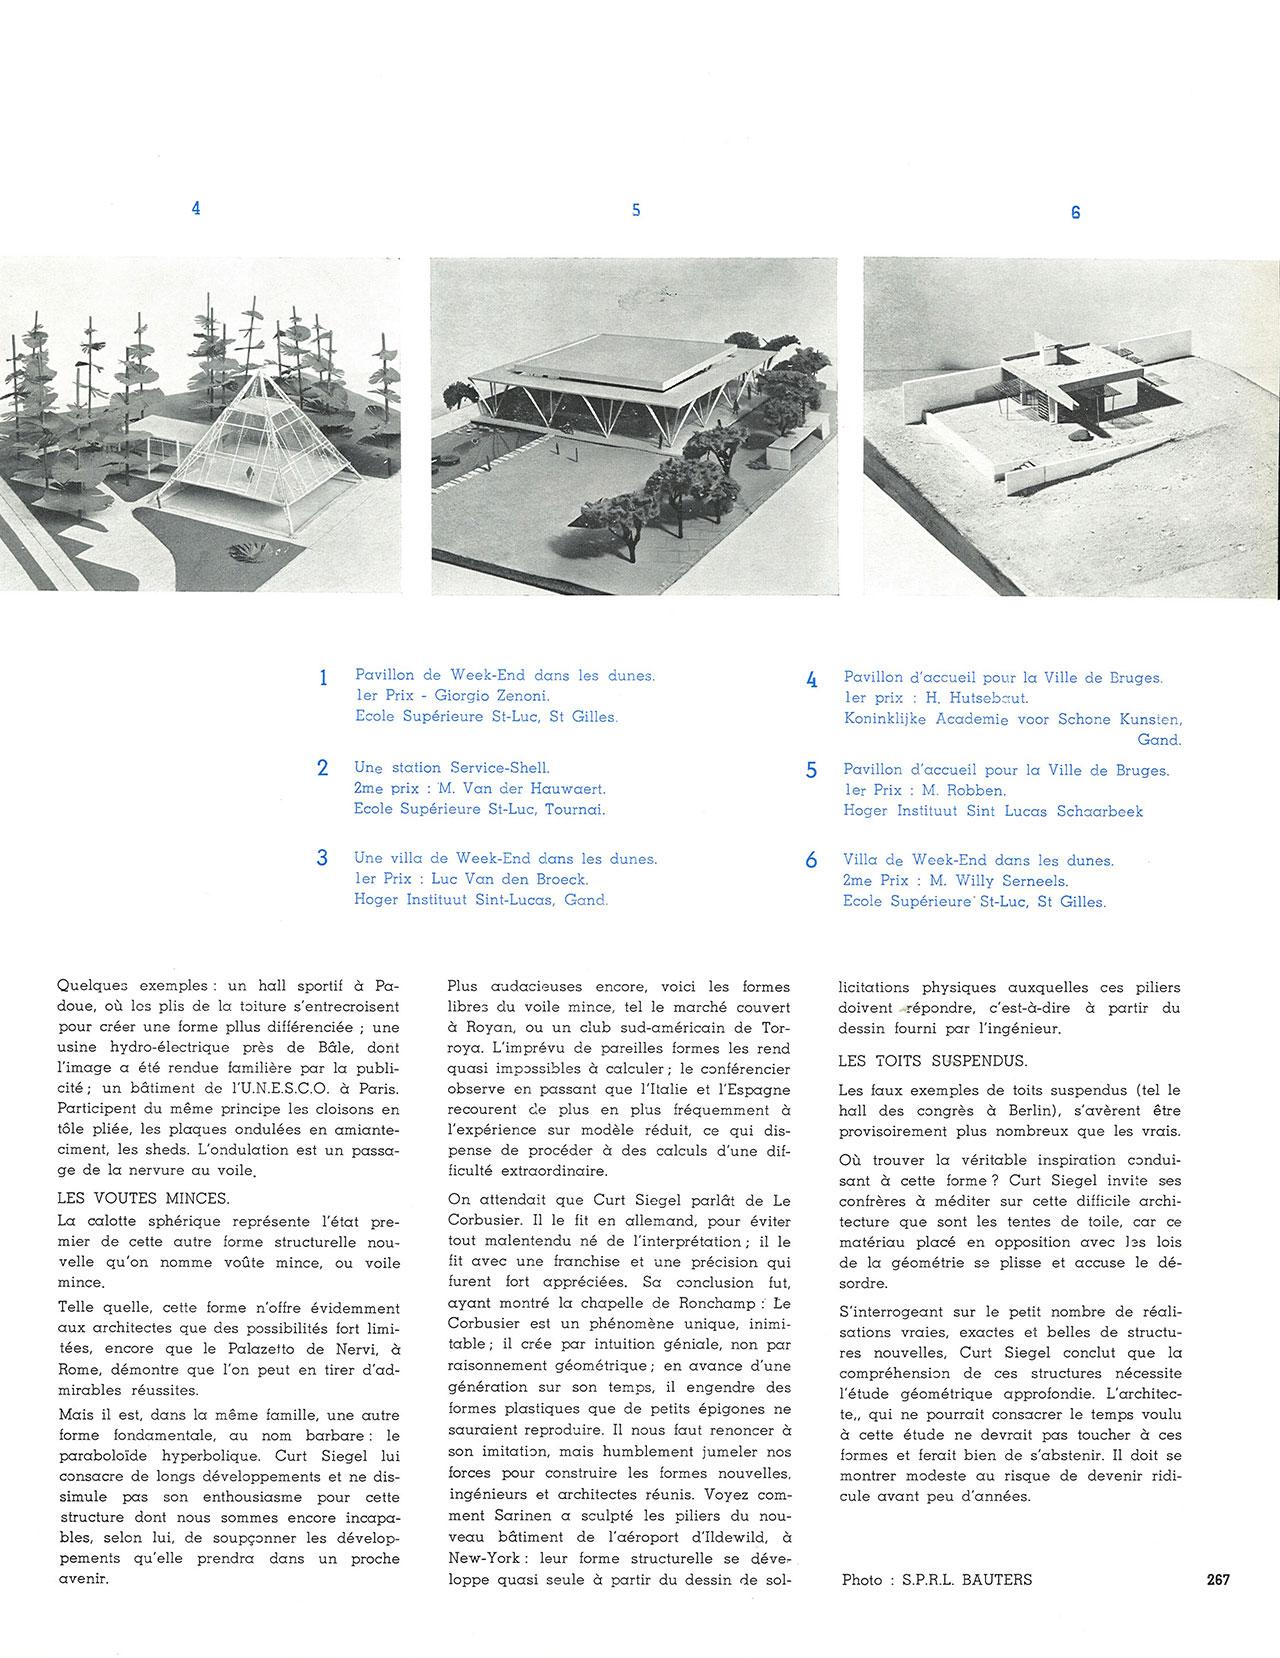 Le Prix Univerbel 1958-1959